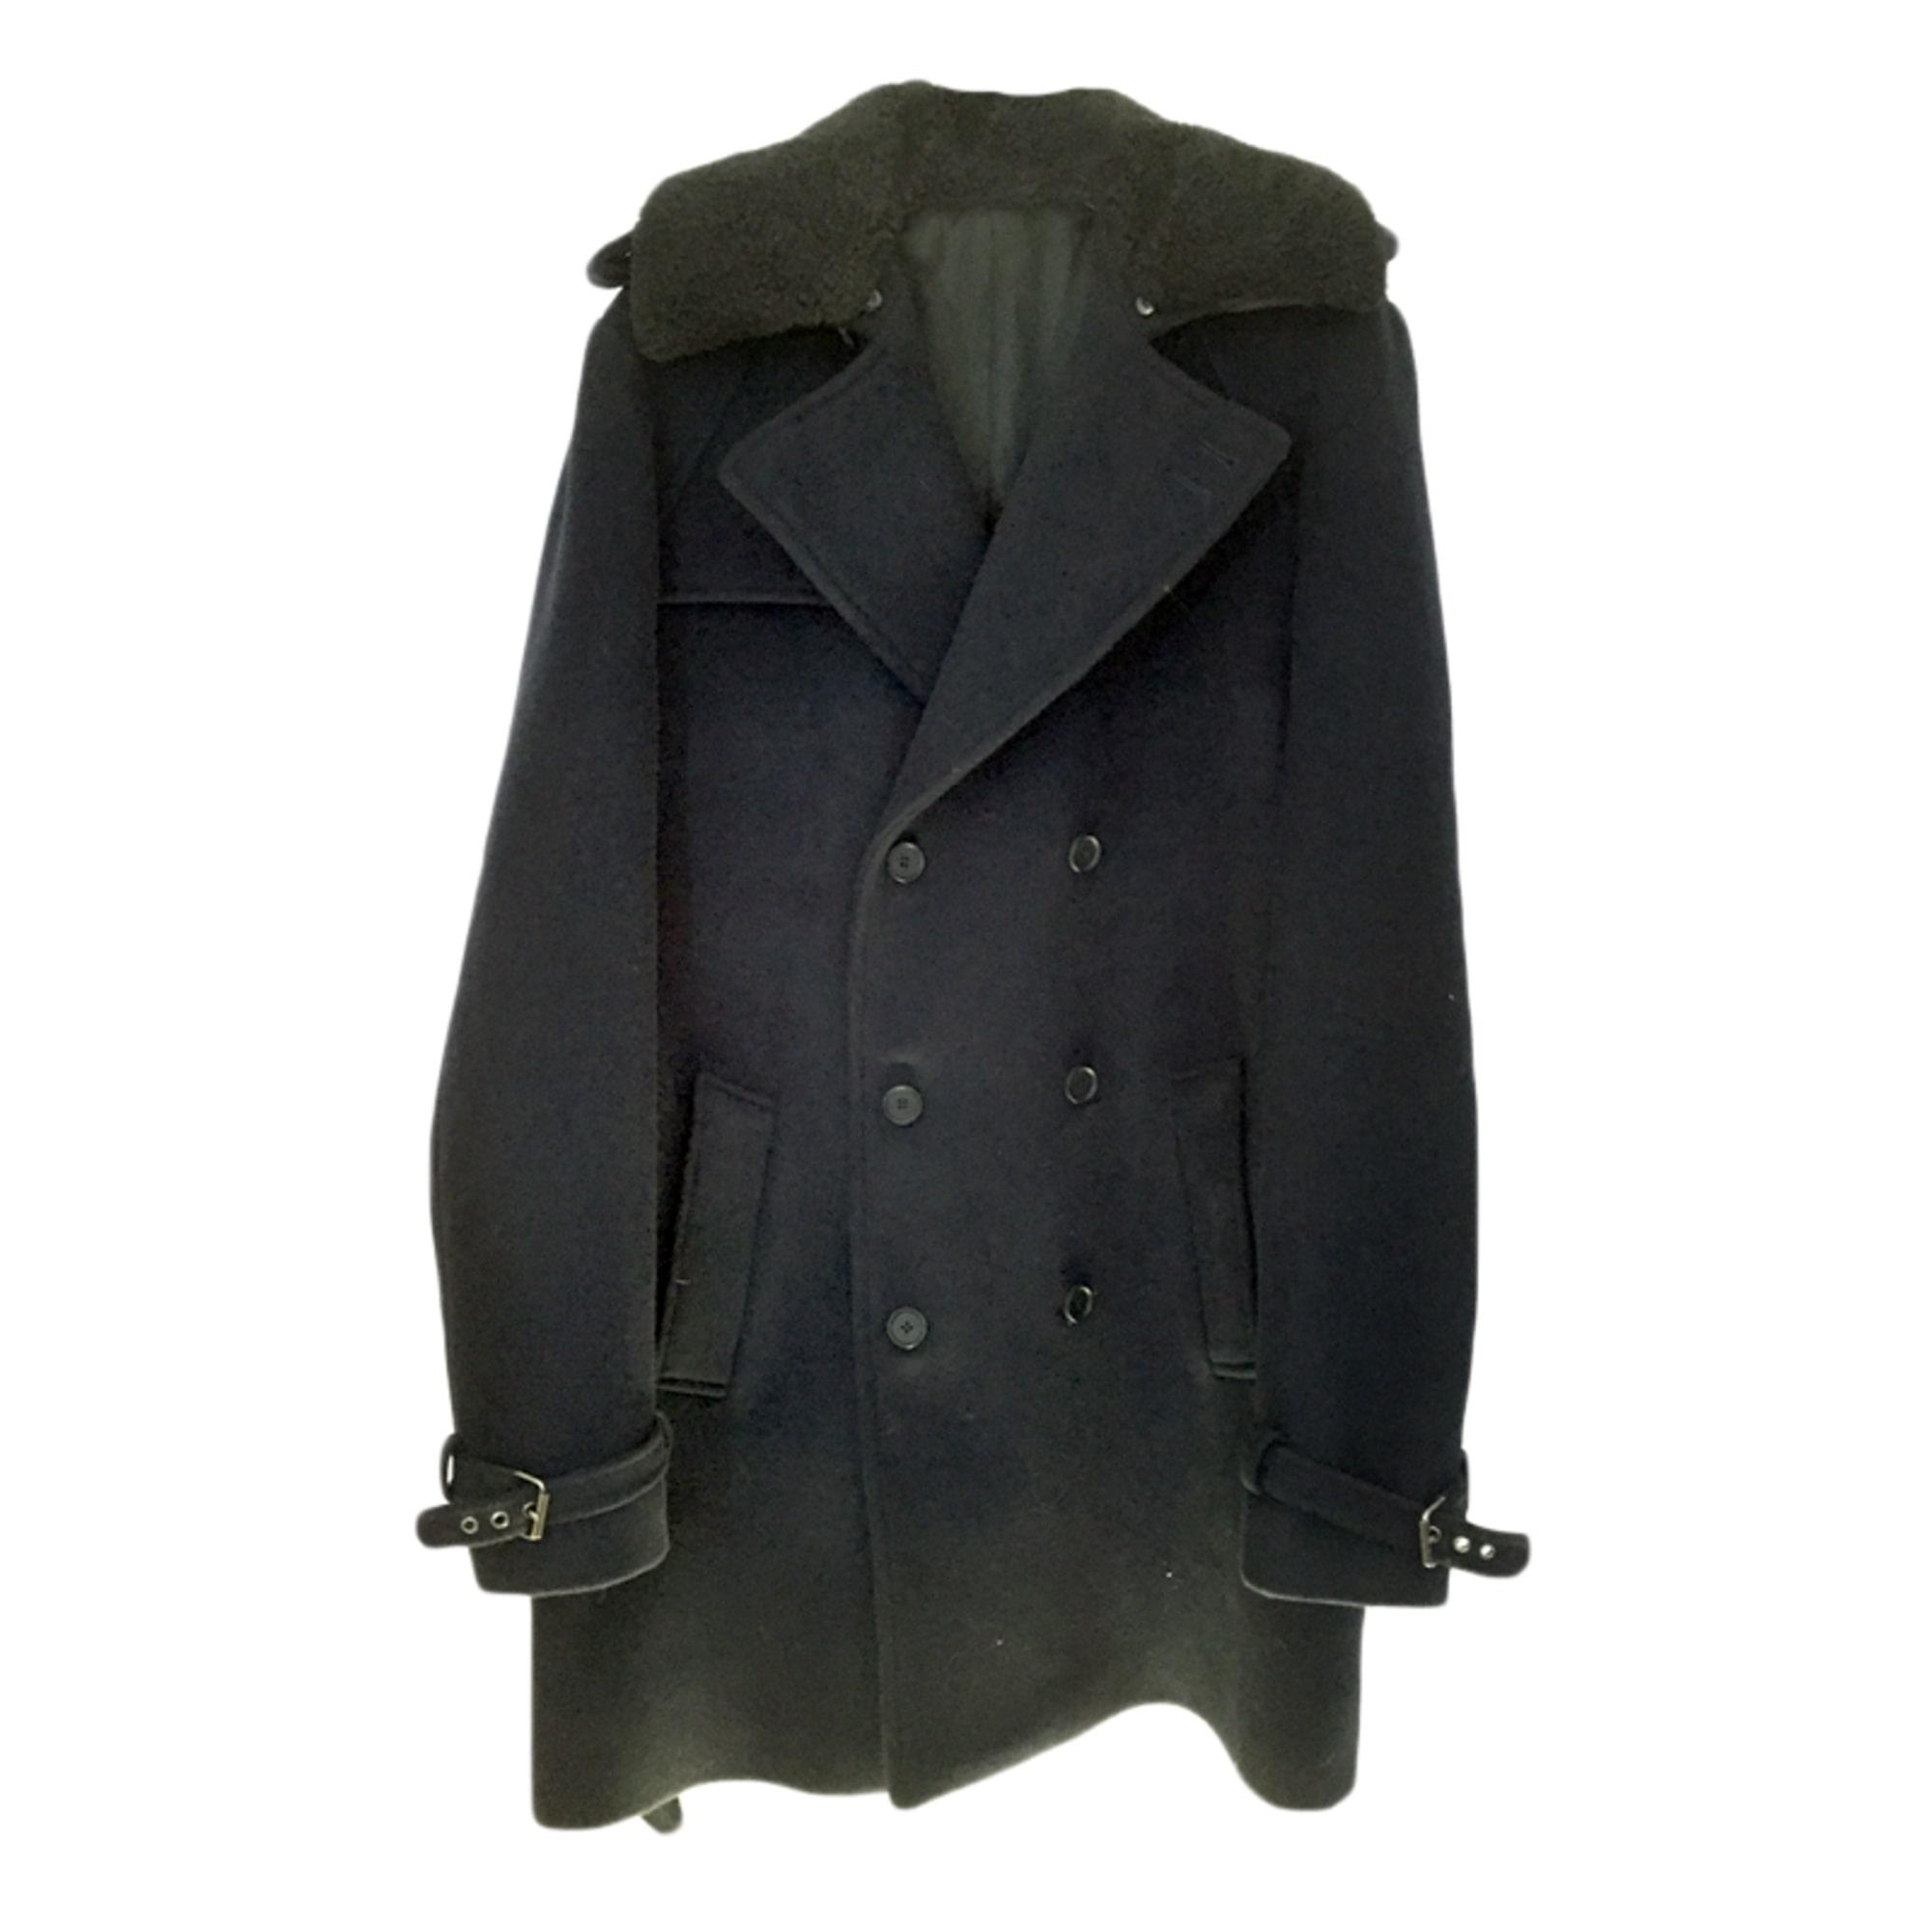 Manteau THE KOOPLES 50 (M) bleu vendu par Le vide dressing de flo ... 7fd7dbfc3d4